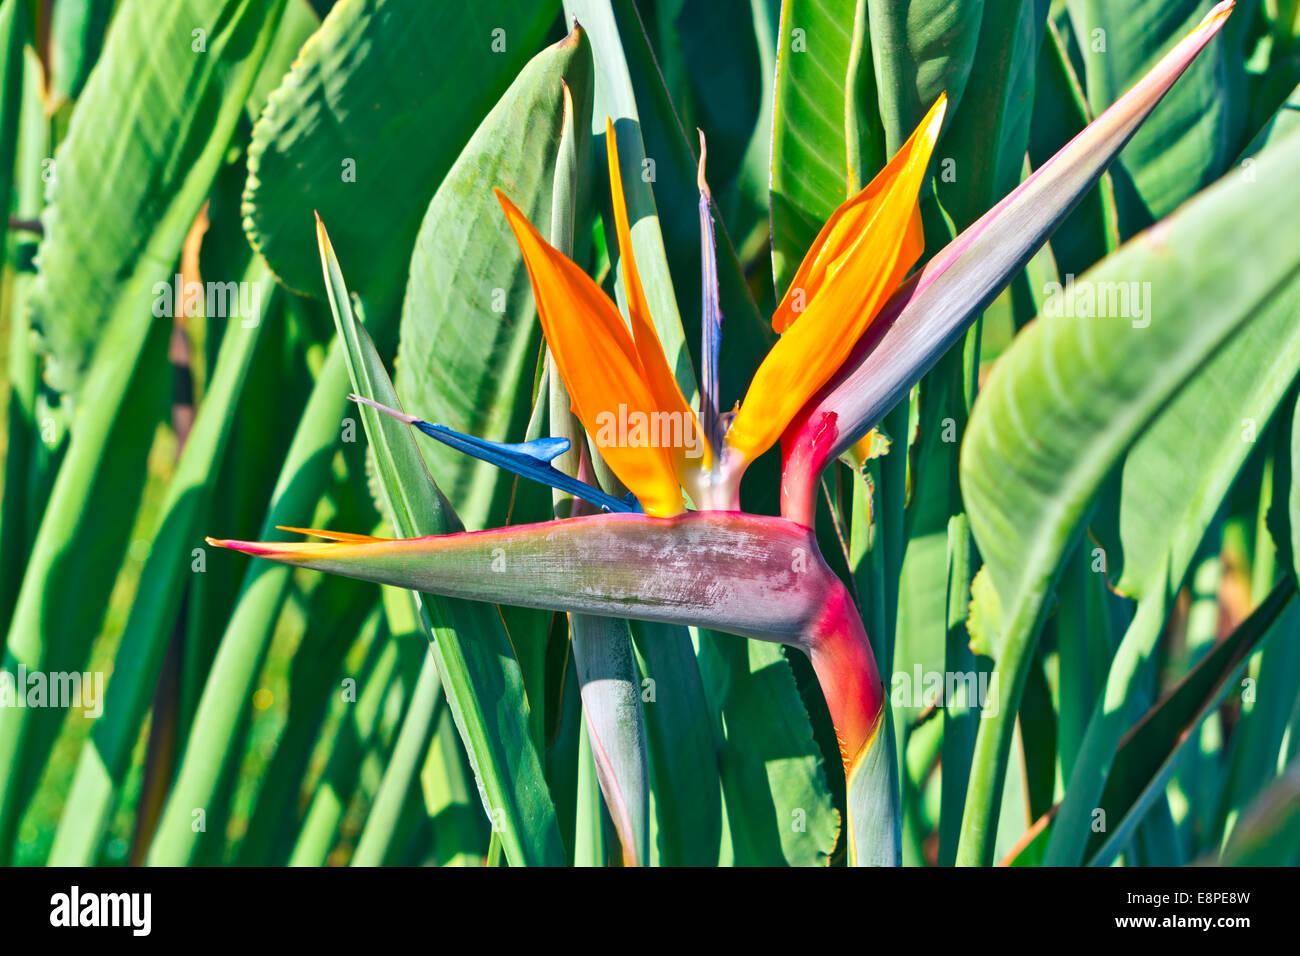 Strelizia uccello del paradiso fiore in un giardino. Immagini Stock